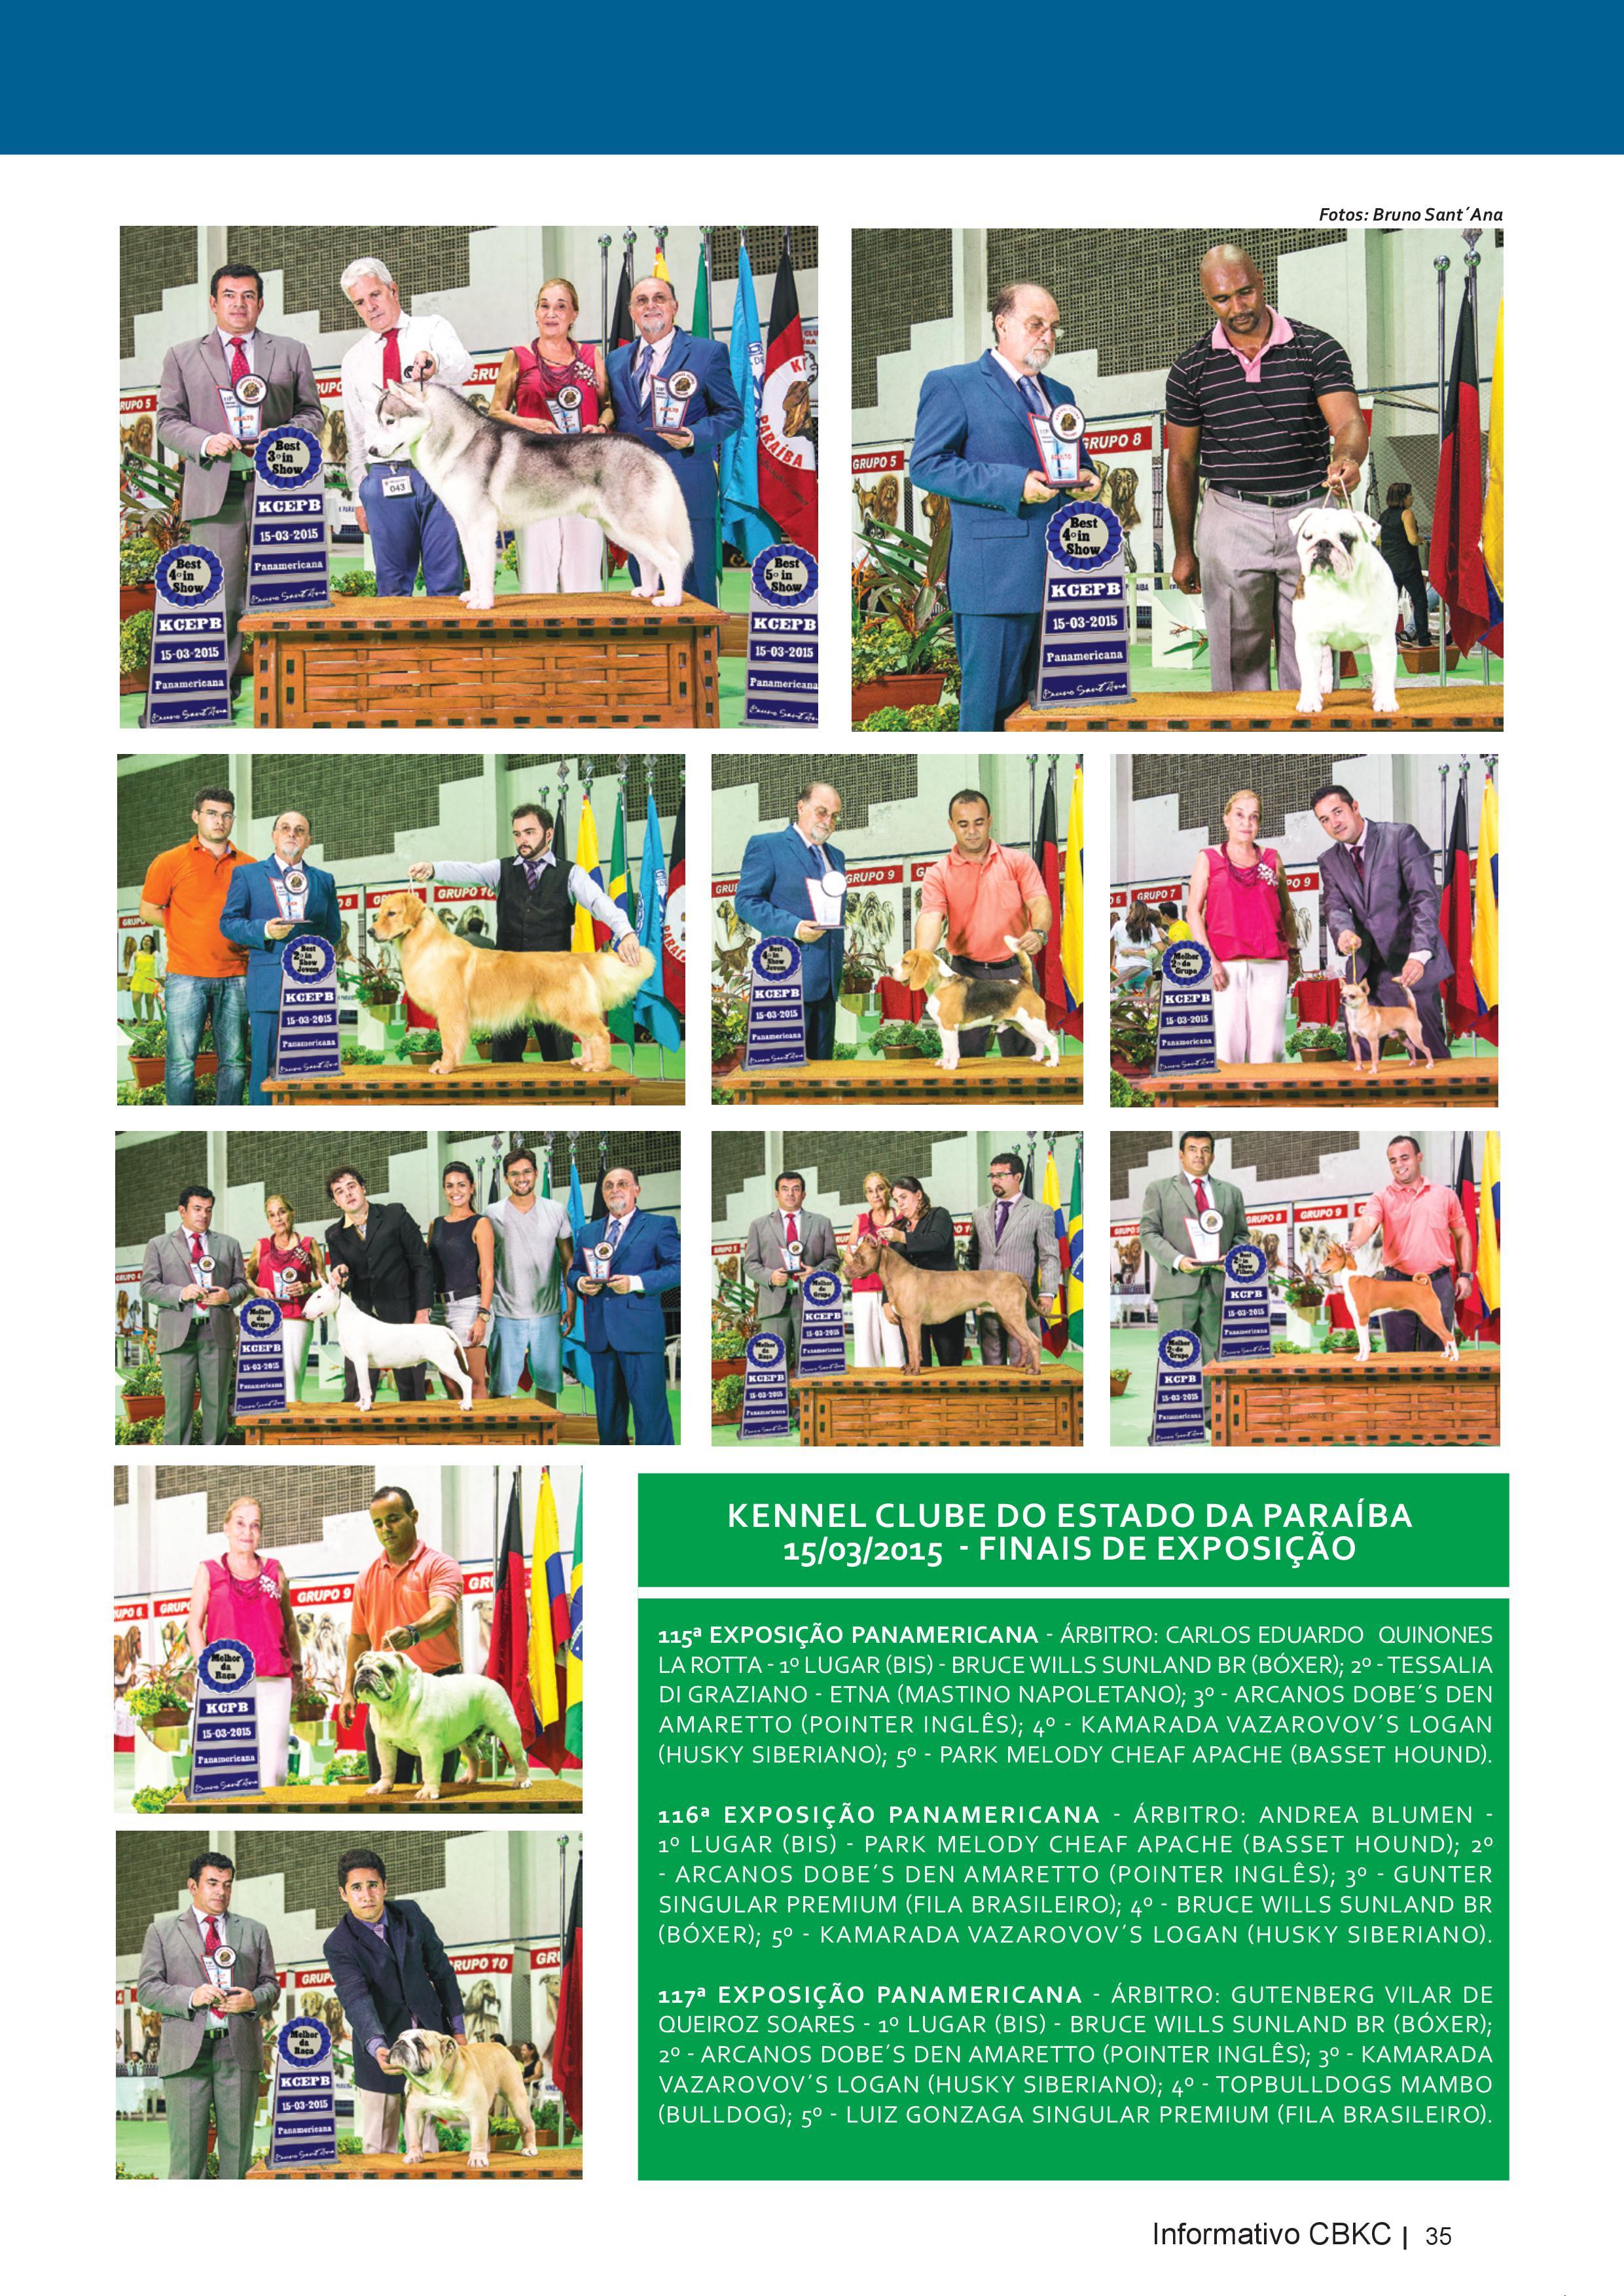 Pagina 35| Edição 50 do Informativo CBKC